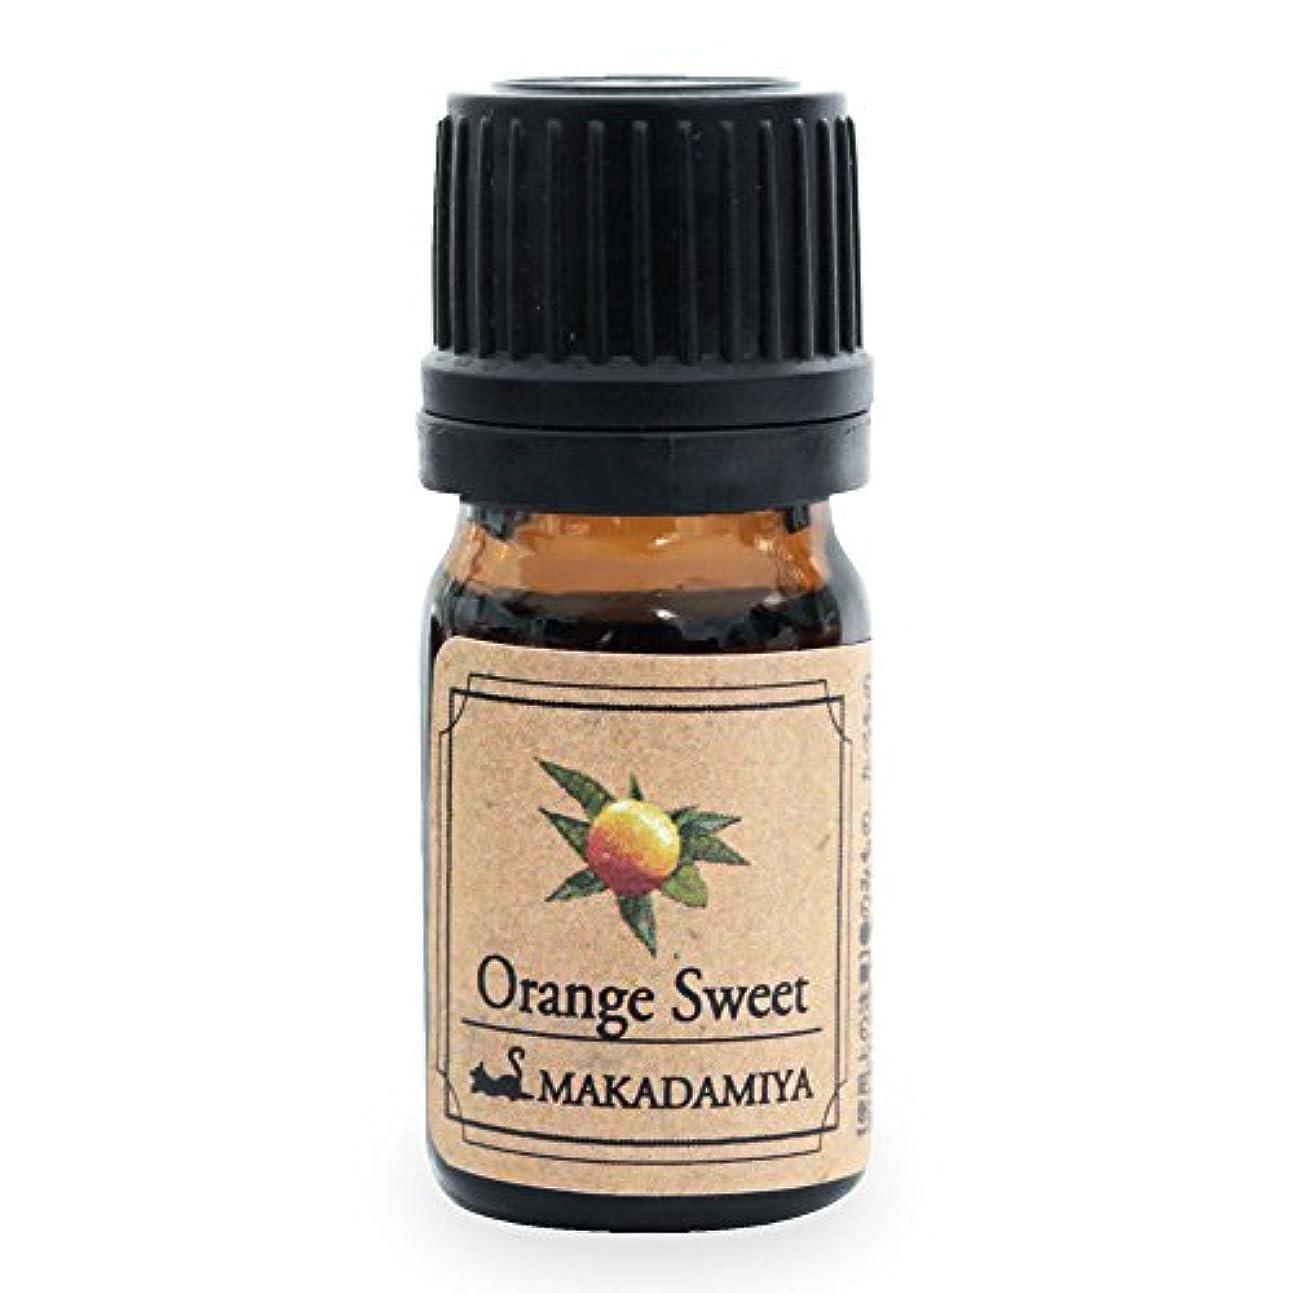 モードリン精度不格好オレンジ?スイート5ml 天然100%植物性 エッセンシャルオイル(精油) アロマオイル アロママッサージ aroma Orange Sweet